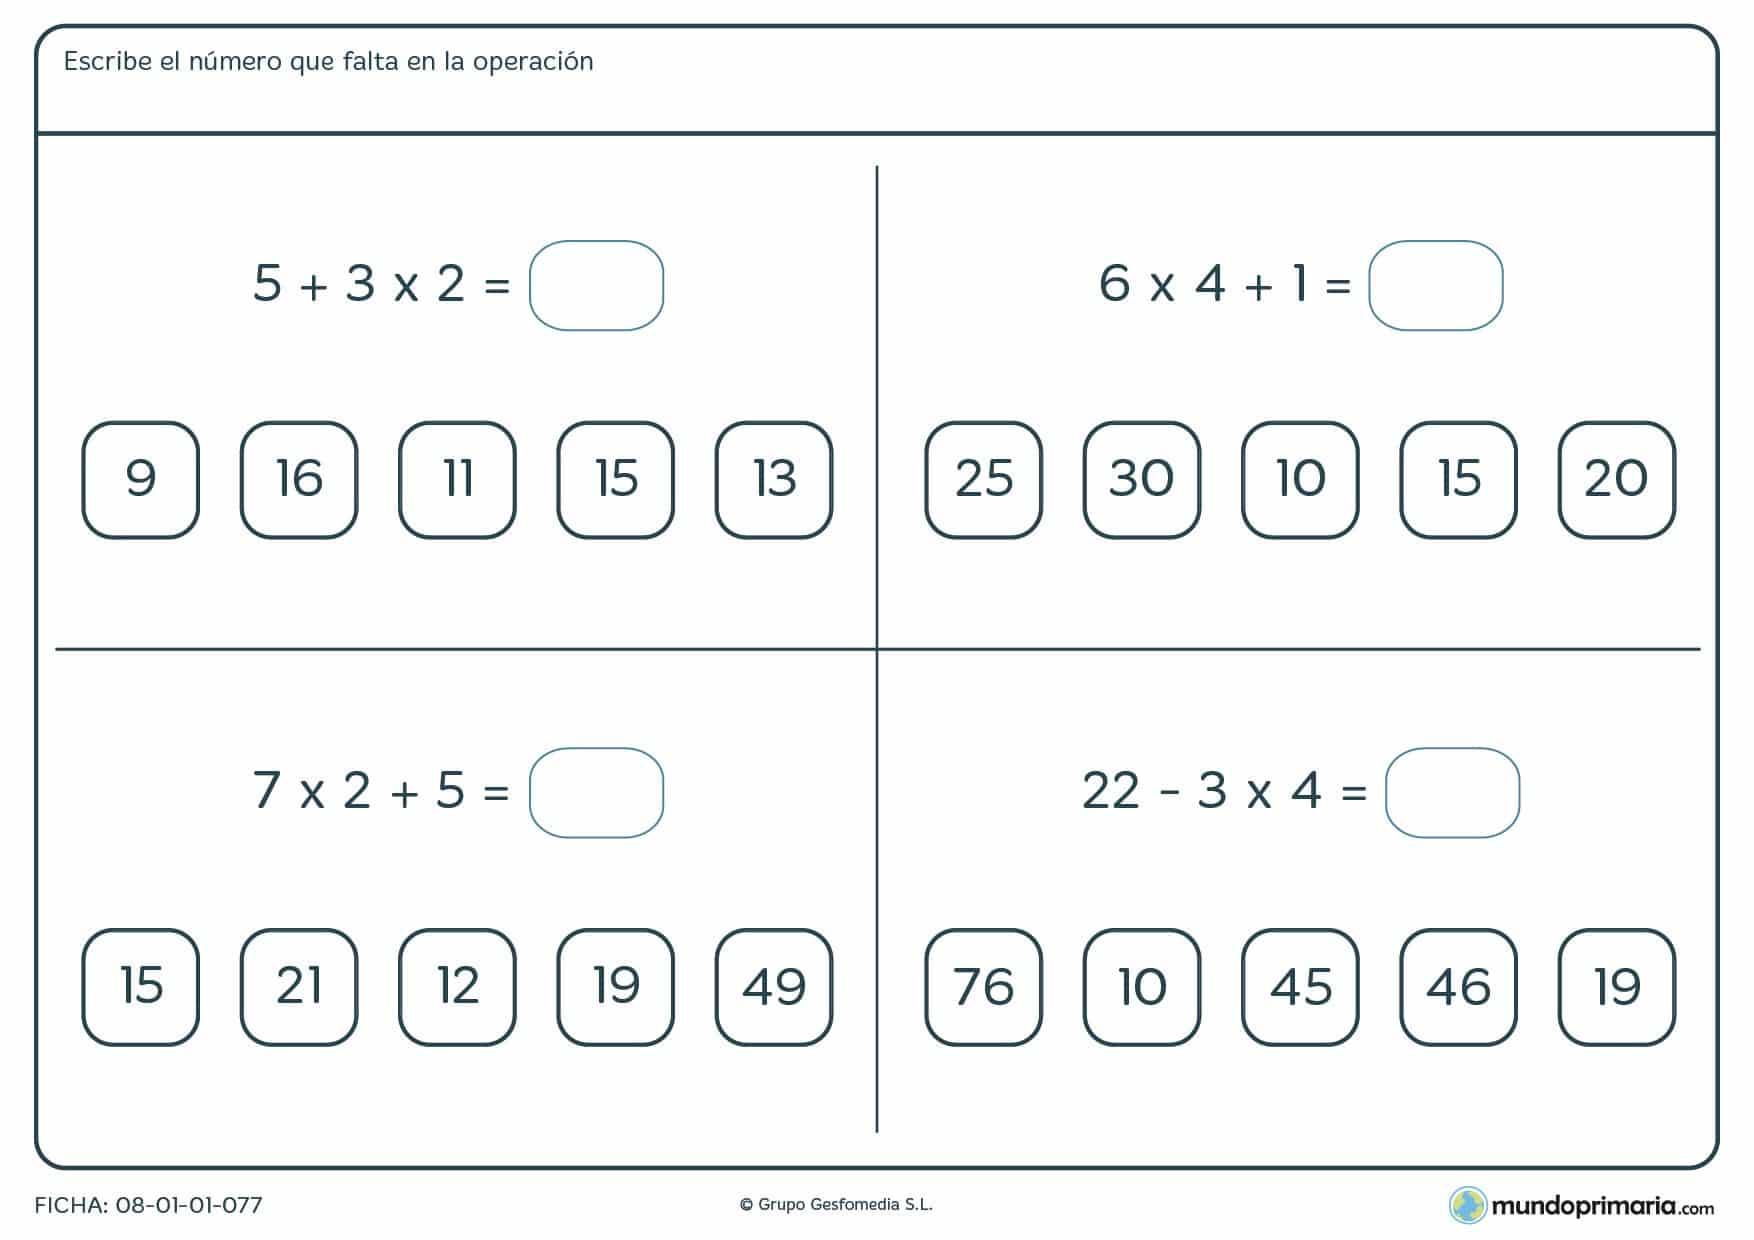 Ficha con operaciones con distintos signos para resolver para sexto